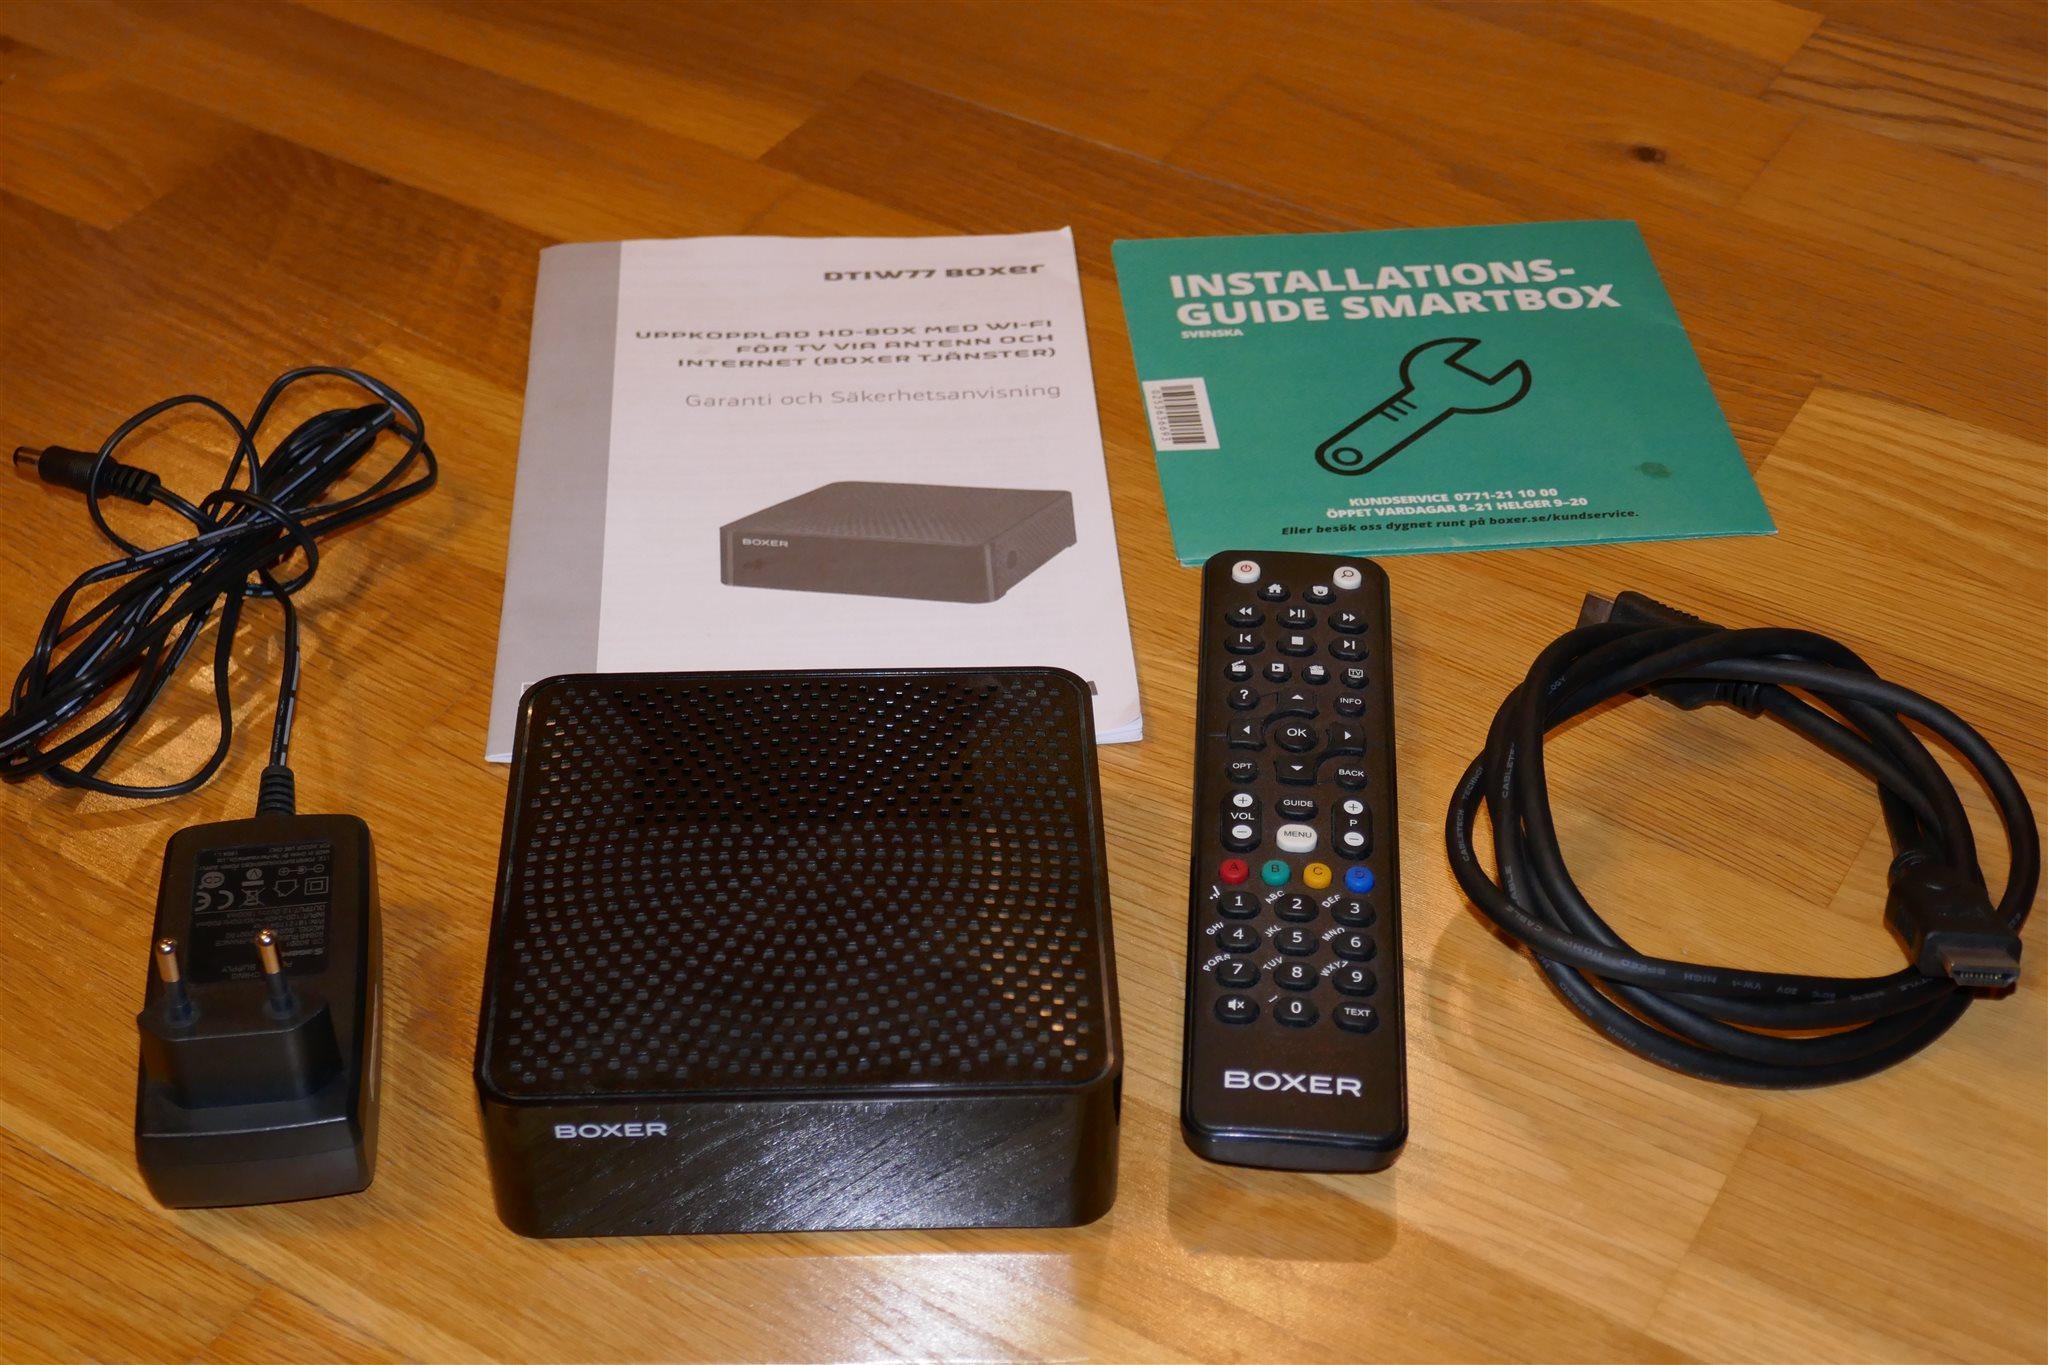 wifi mottagare till digitalbox